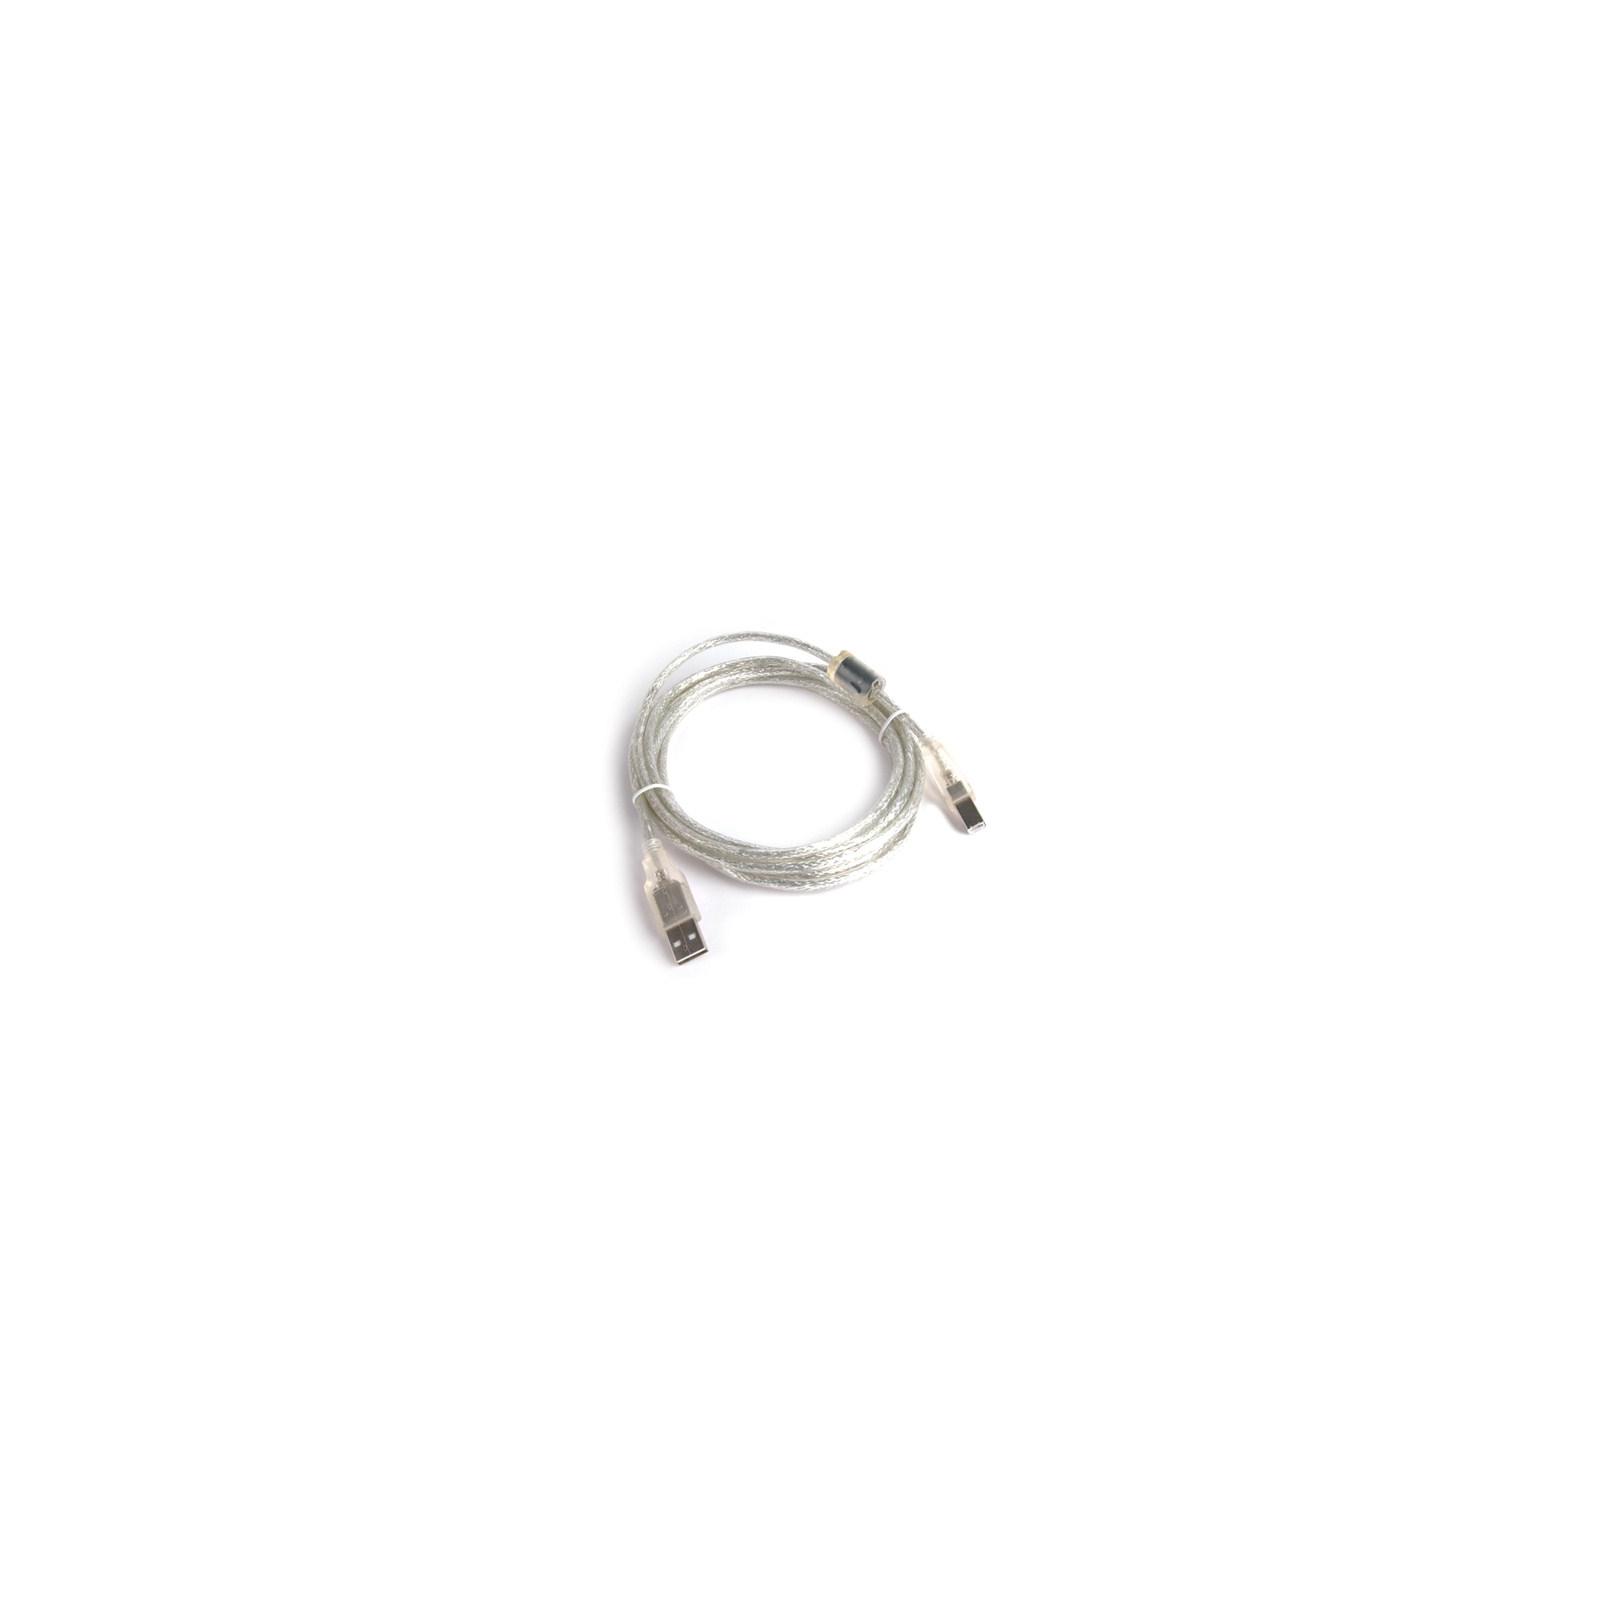 Кабель для принтера GEMIX USB 2.0 AM/BM (Art.GC 1604)